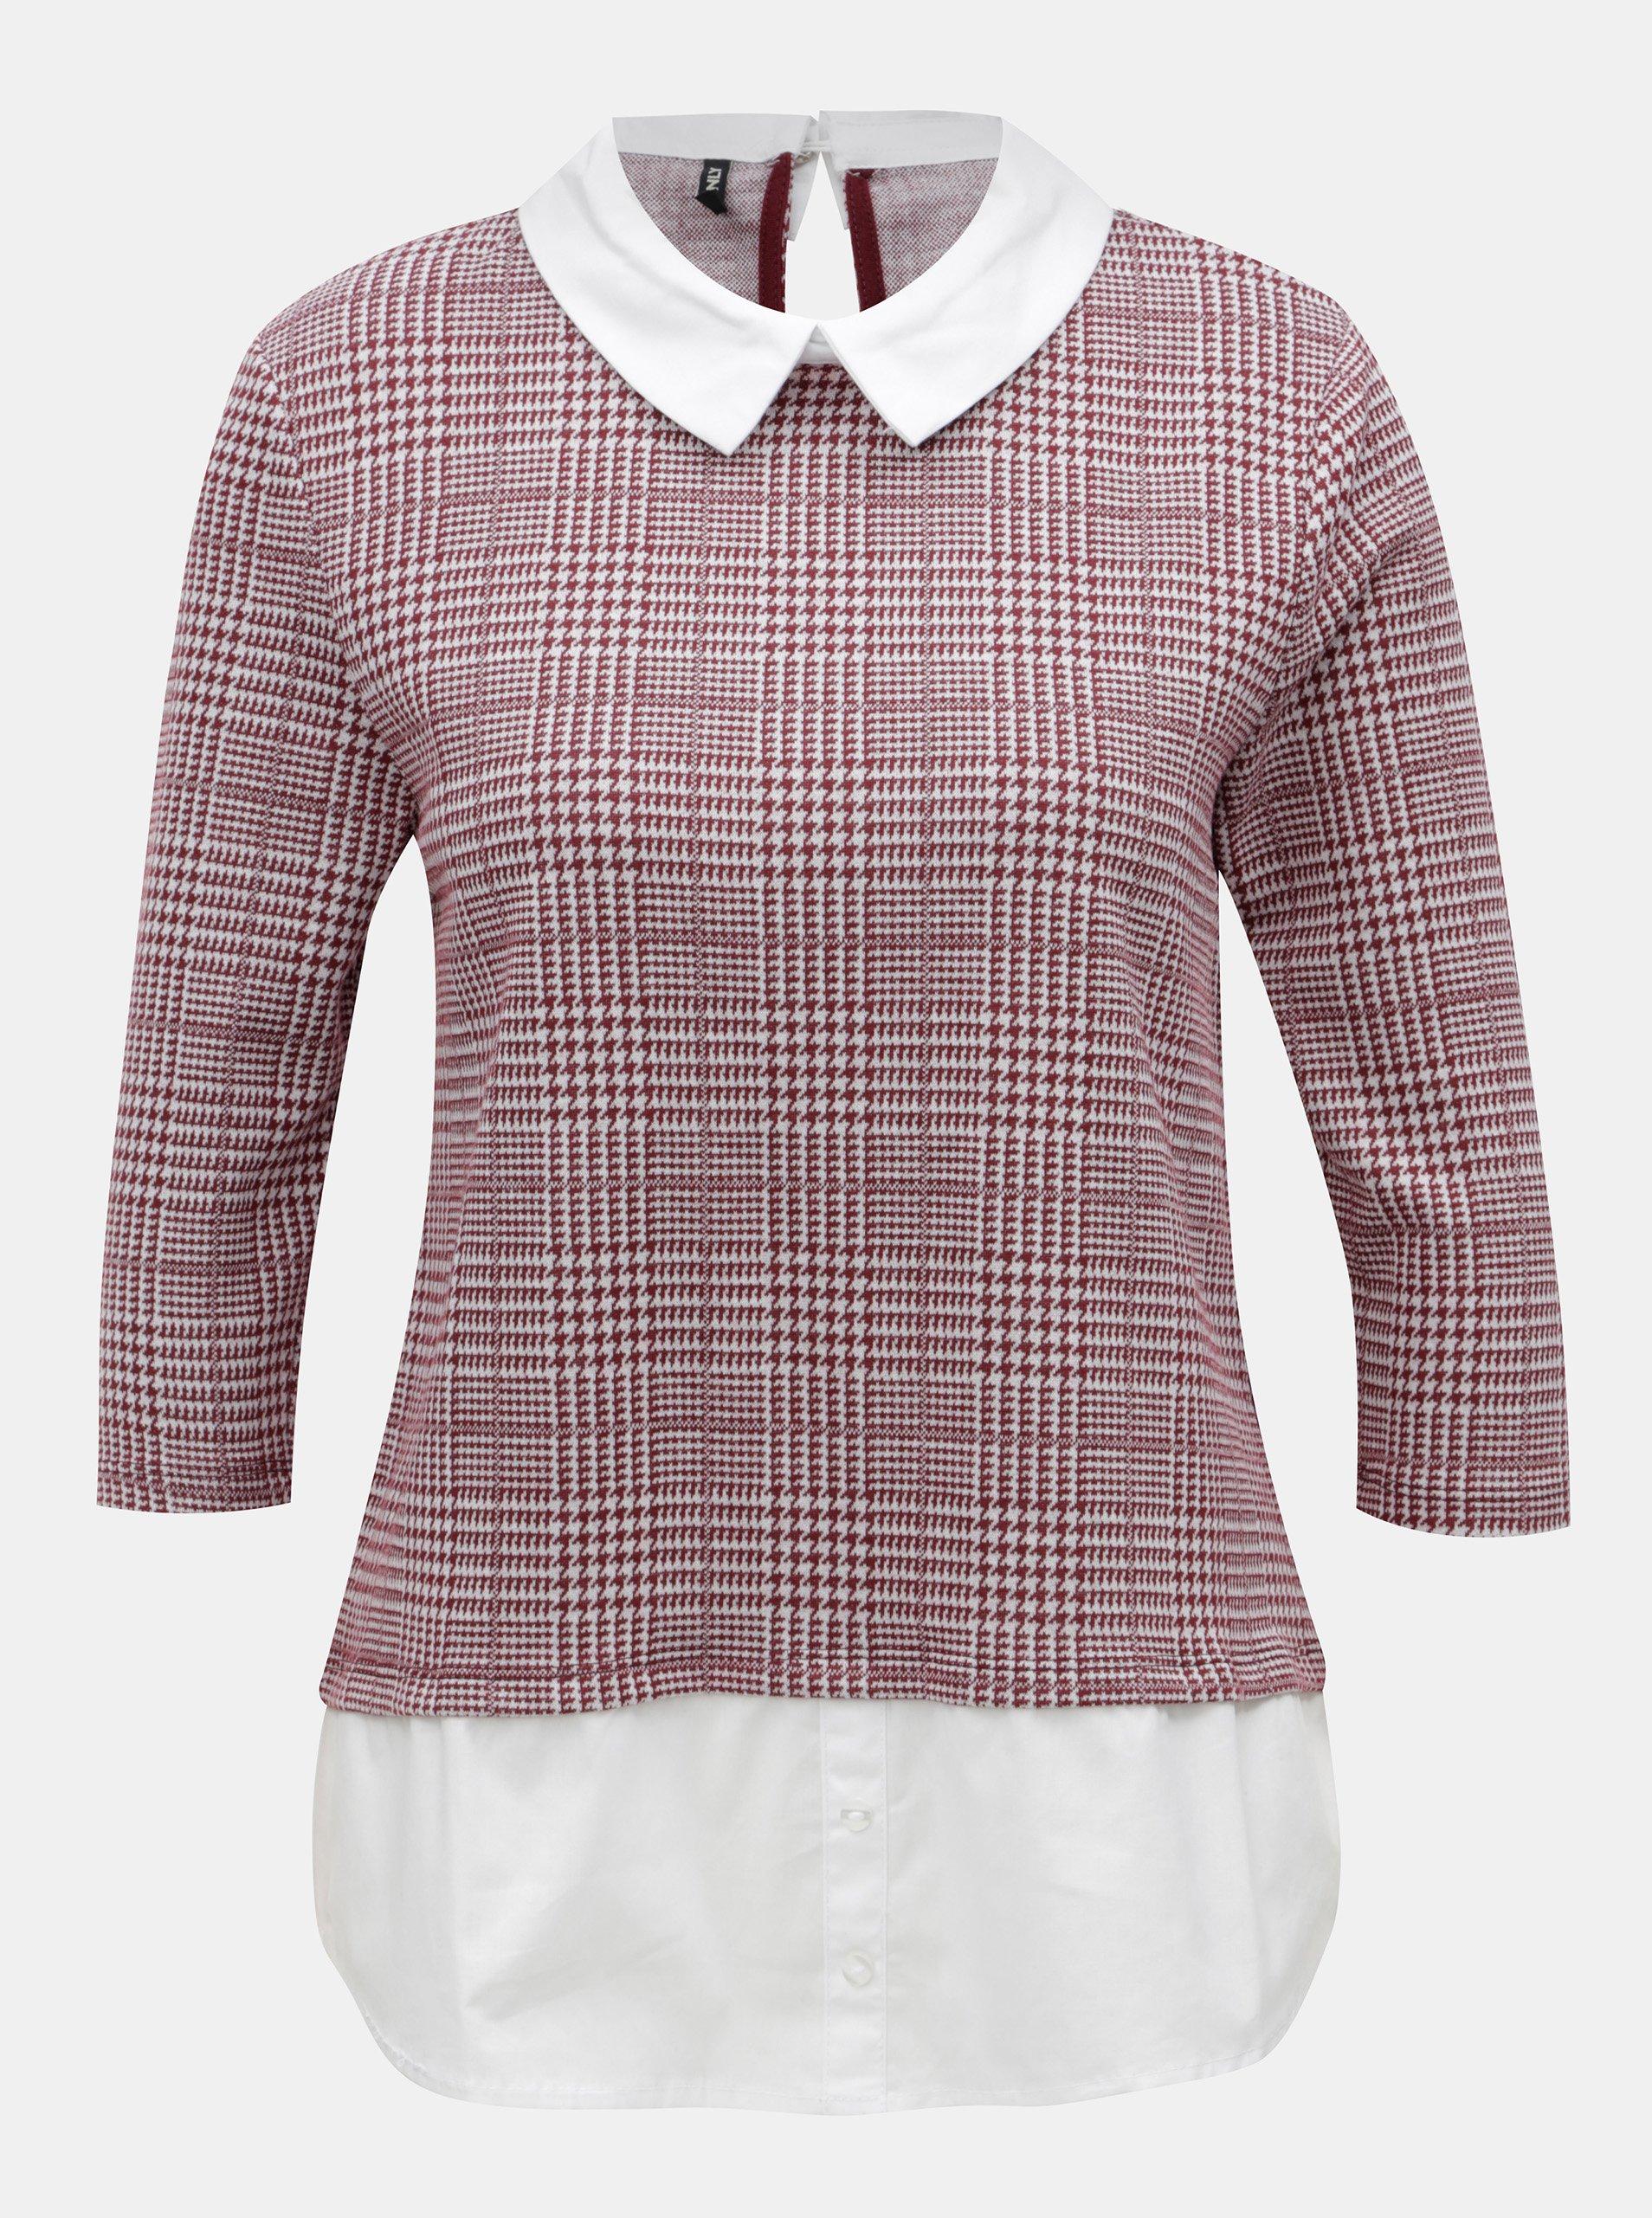 Krémovo-vínové tričko s všitým košilovým dílem ONLY Selma